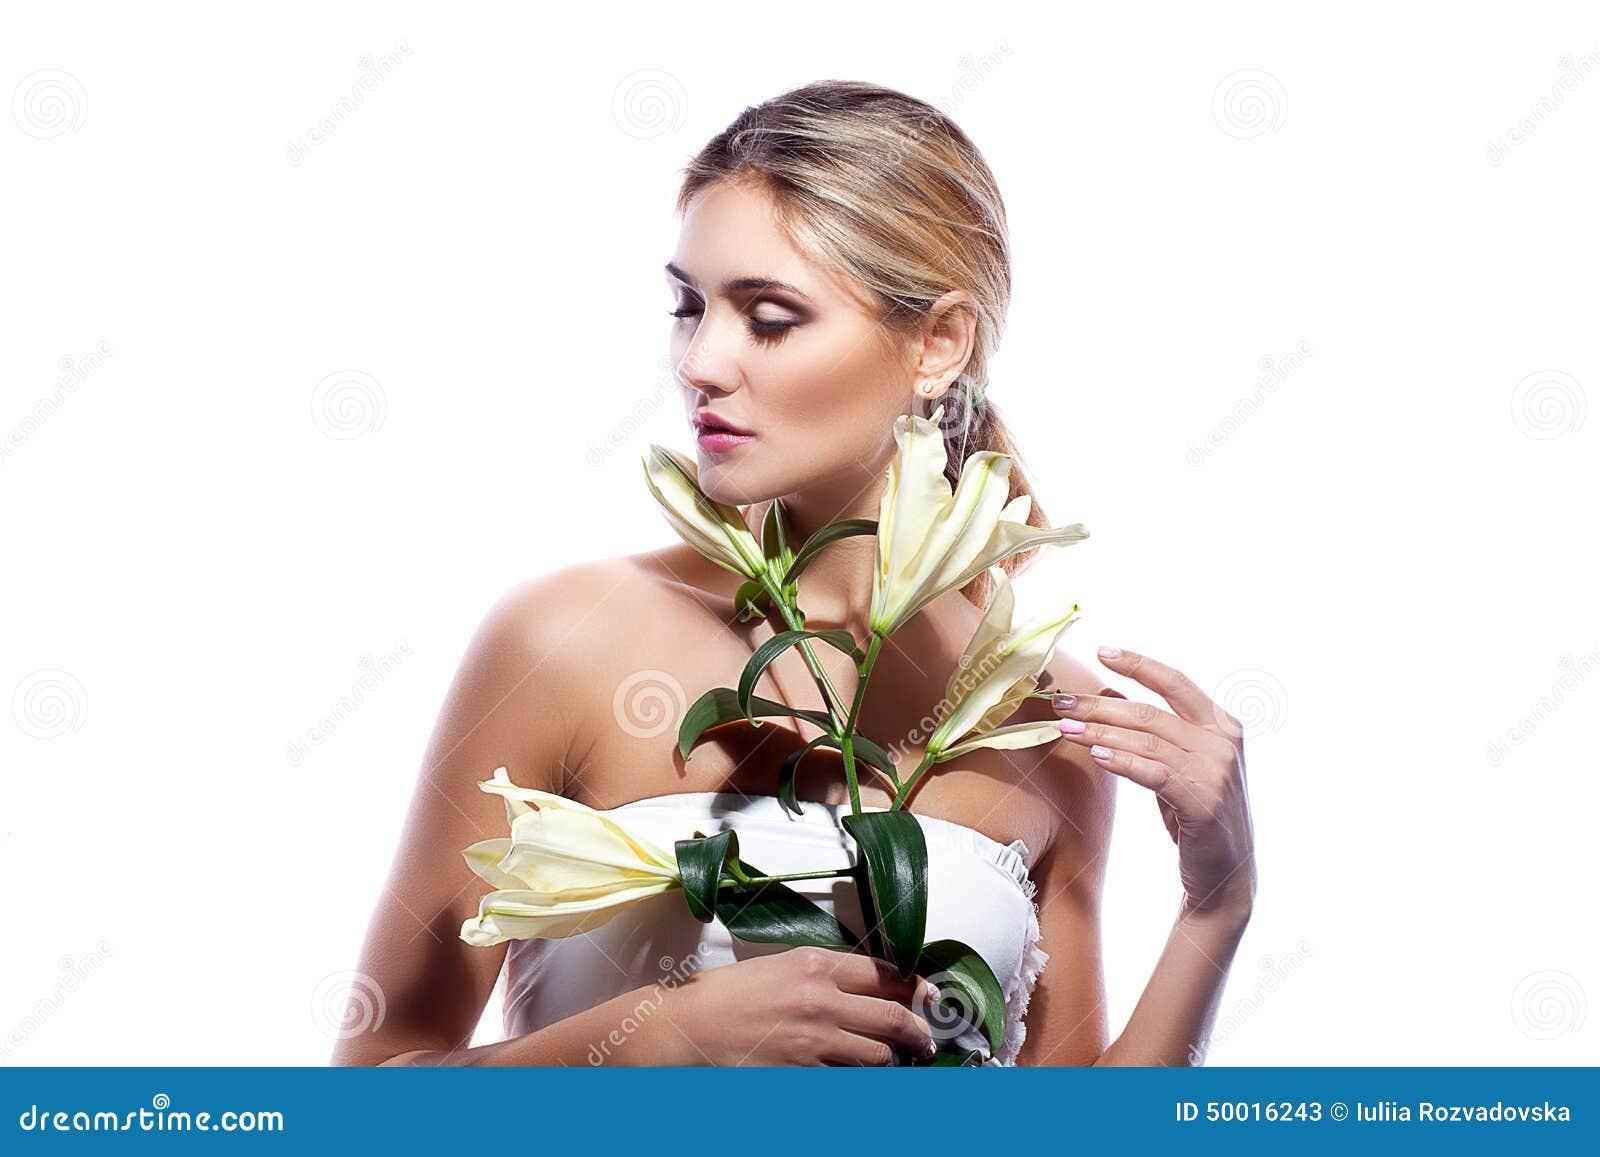 Ξανθή γυναίκα το φρέσκο καθαρό δέρμα και το άσπρο λουλούδι κρίνων που απομονώνονται με